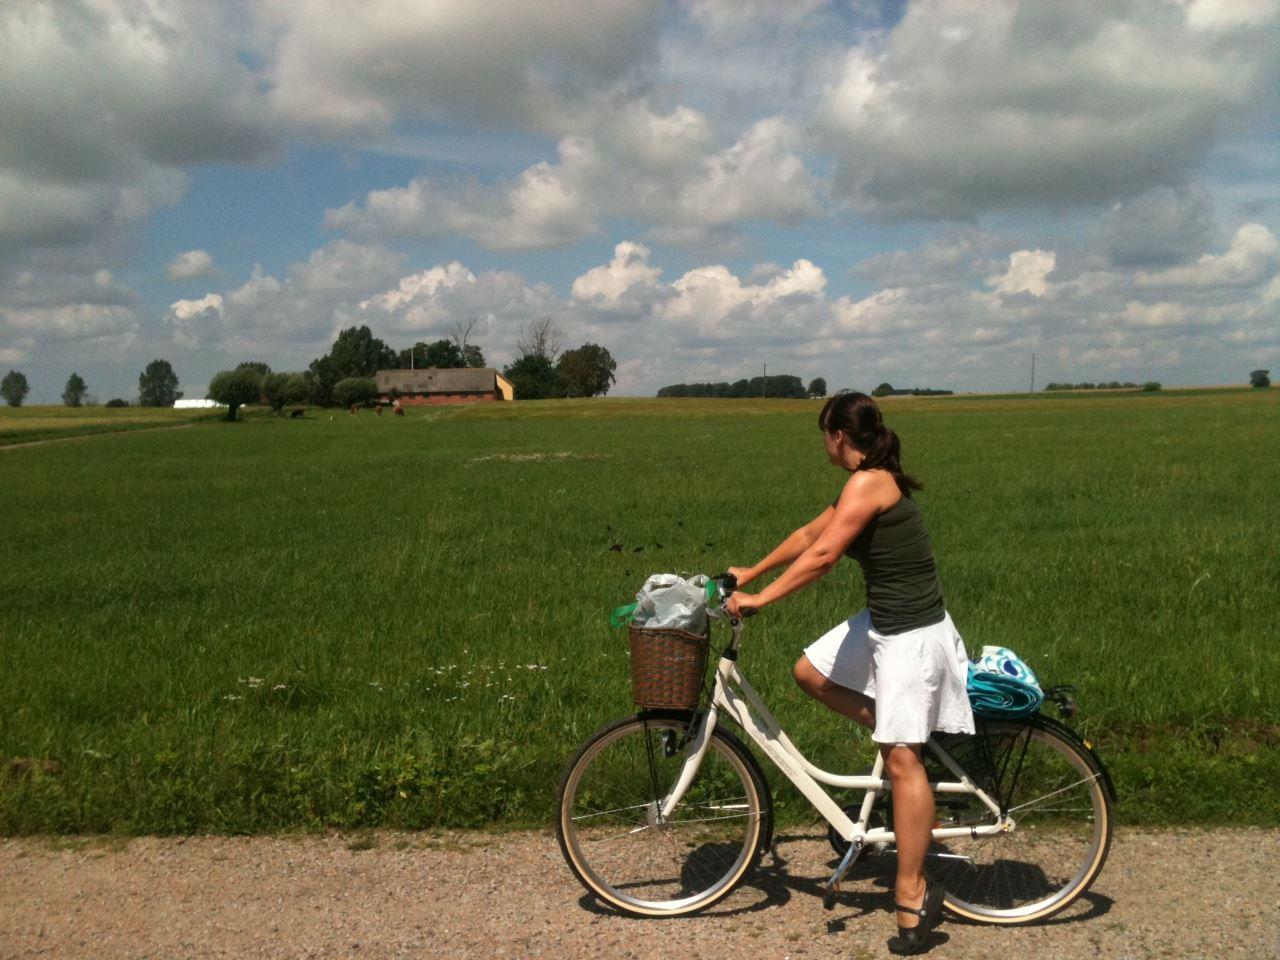 Hyr en cykel och ge dig ut på vägarna!